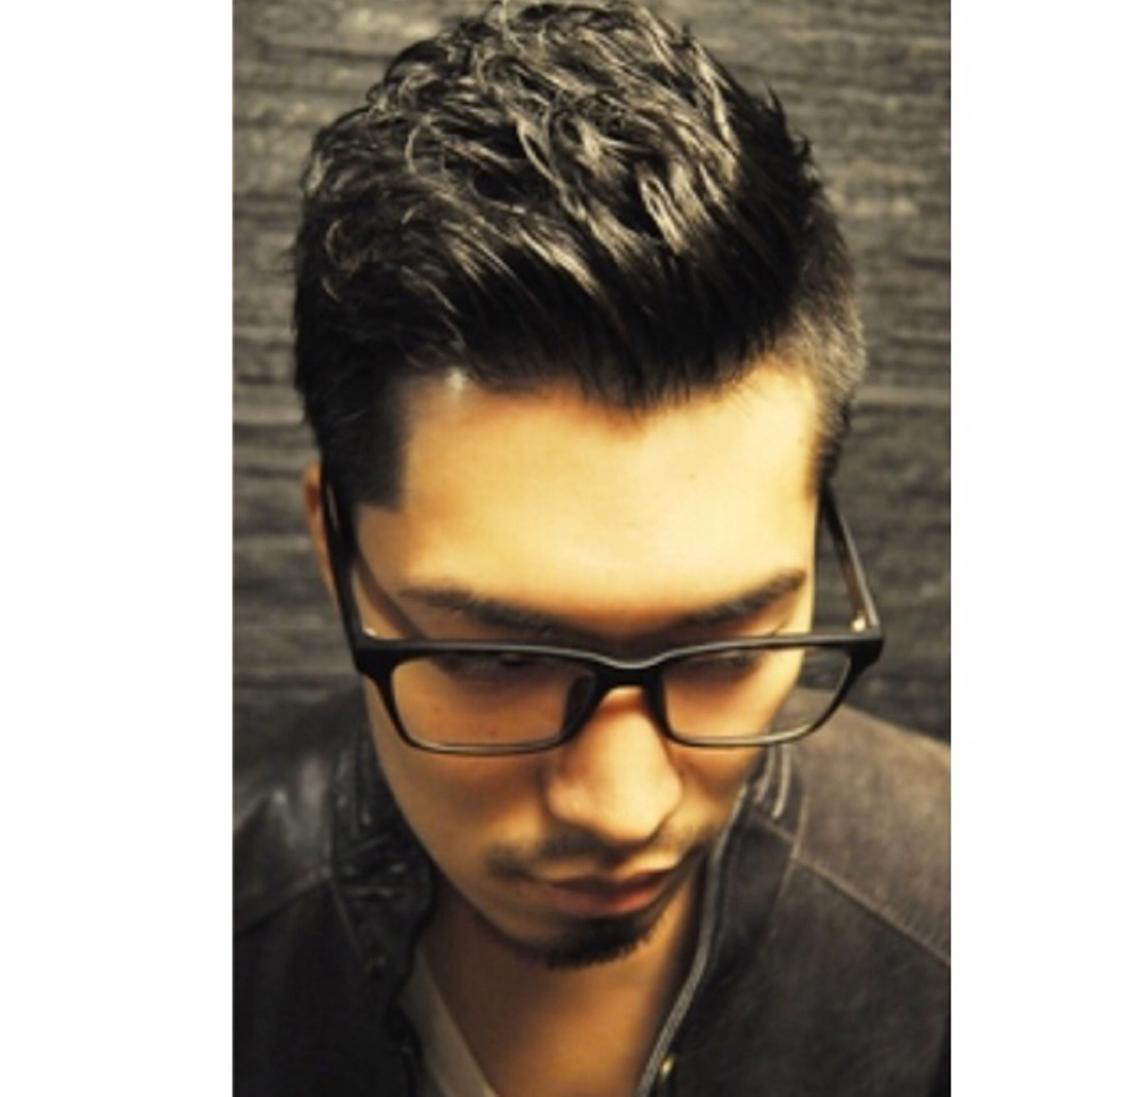 当日OK!再来OK!無料メンズカットモデル募集!カラーパーマOK!#barber #田町#三田